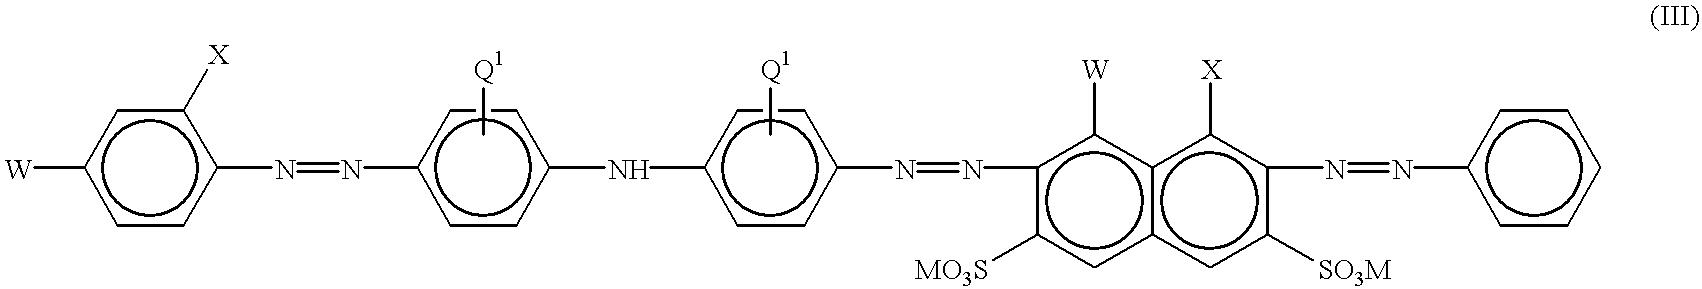 Figure US06231652-20010515-C00004